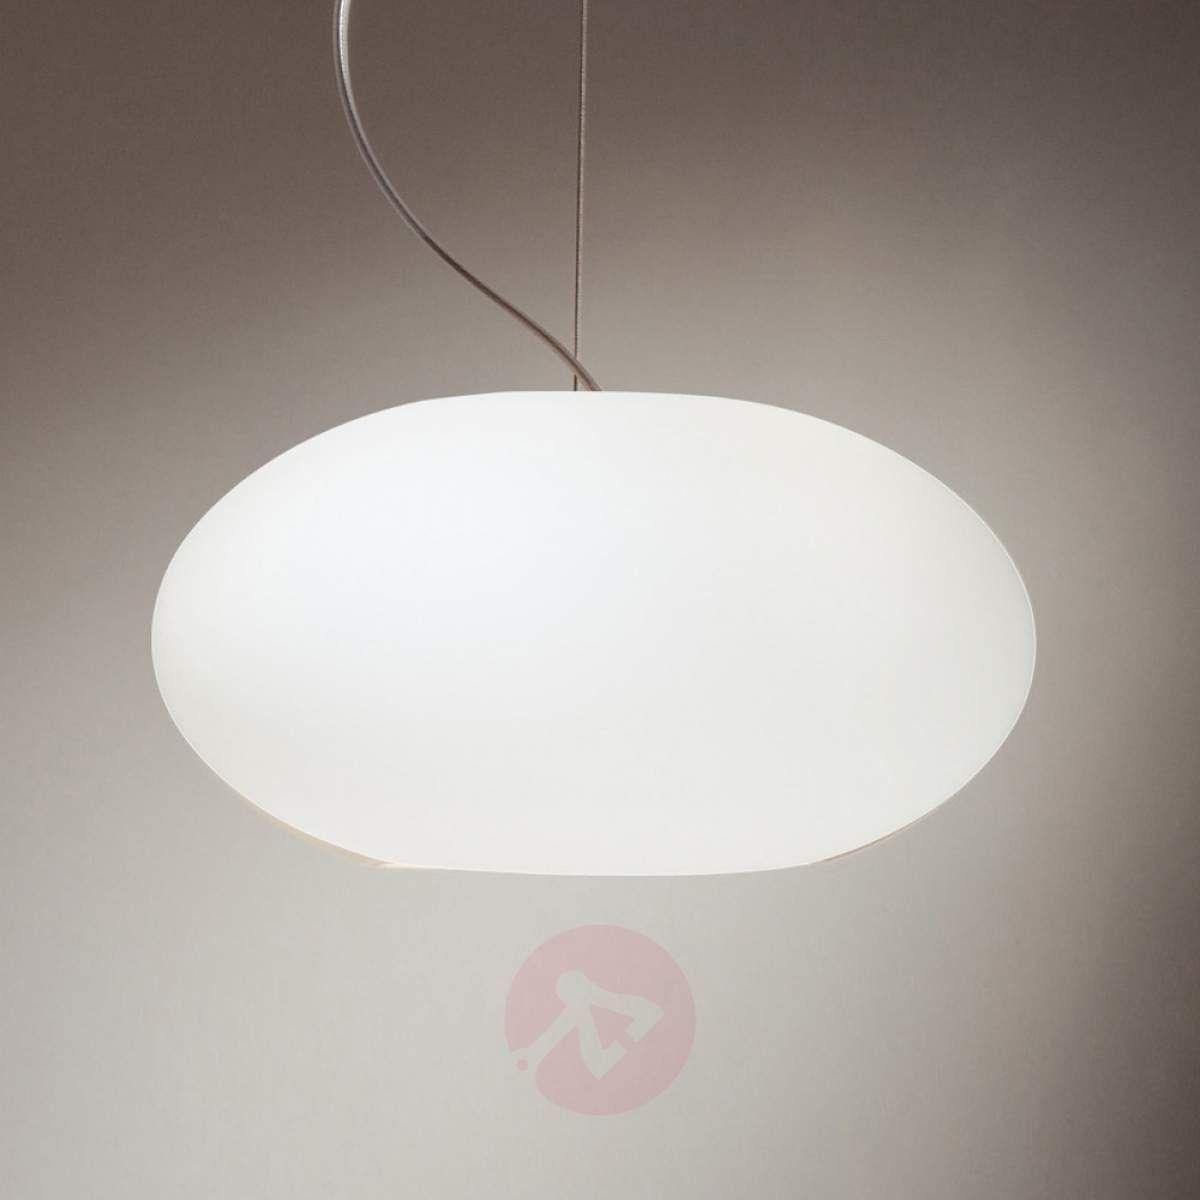 Aih Purystyczna Lampa Wisząca 28 Cm Biała Matowa Lampy